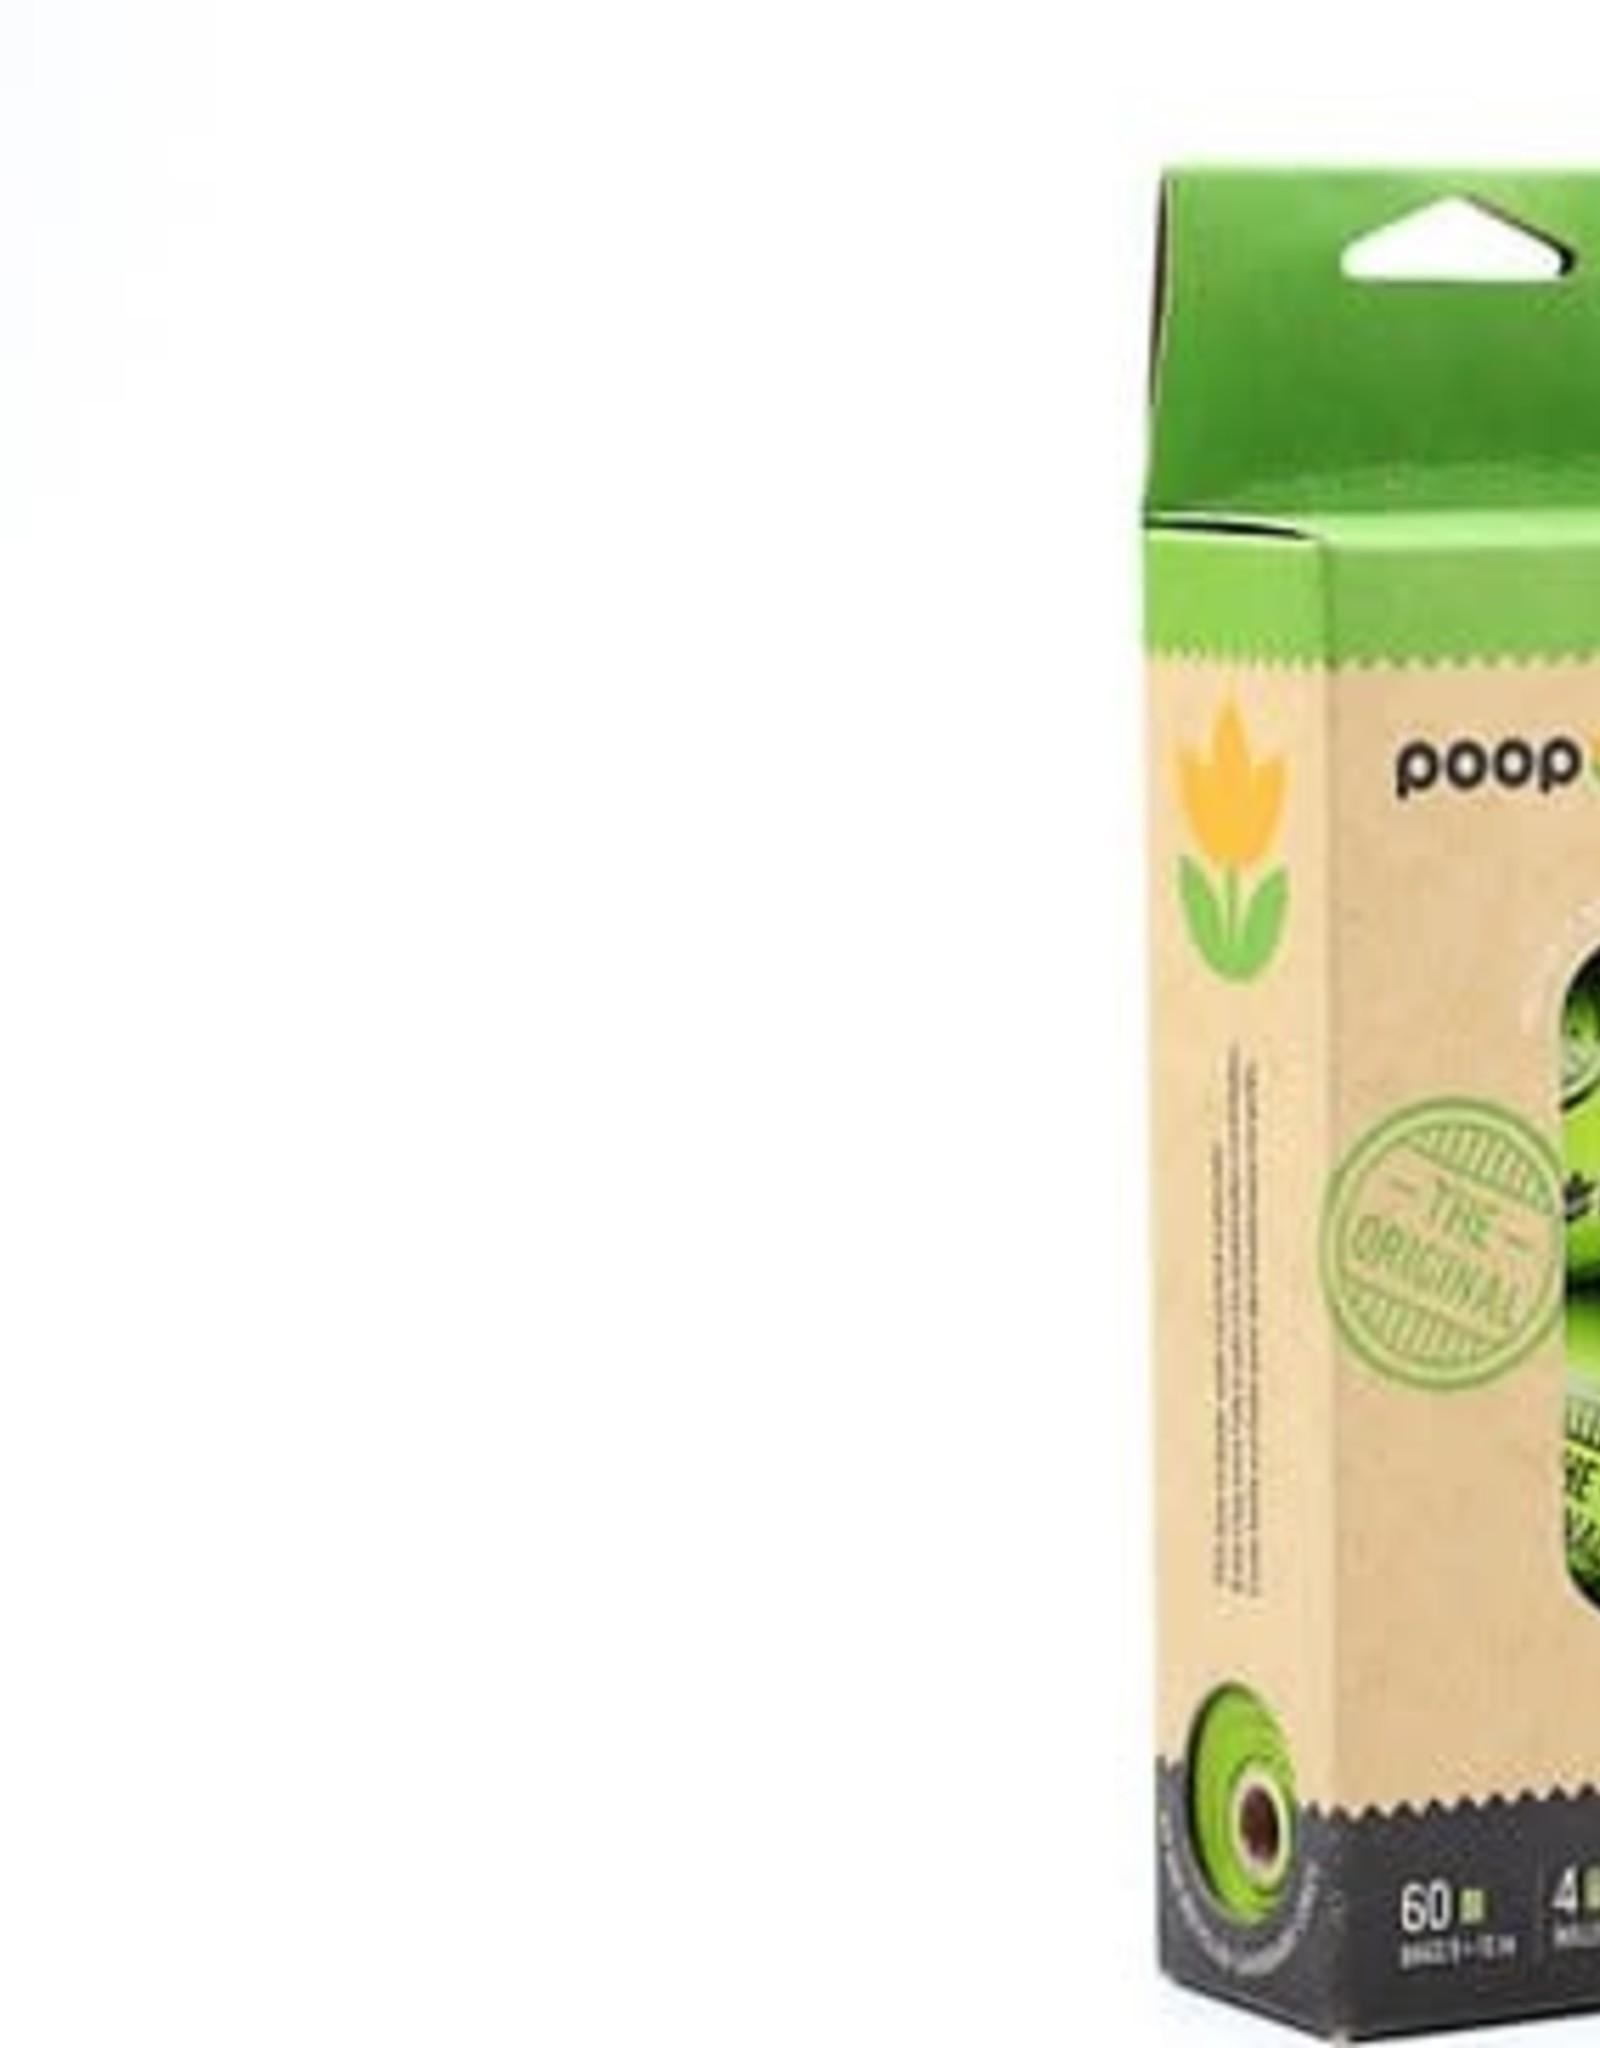 poop bags Poopbags